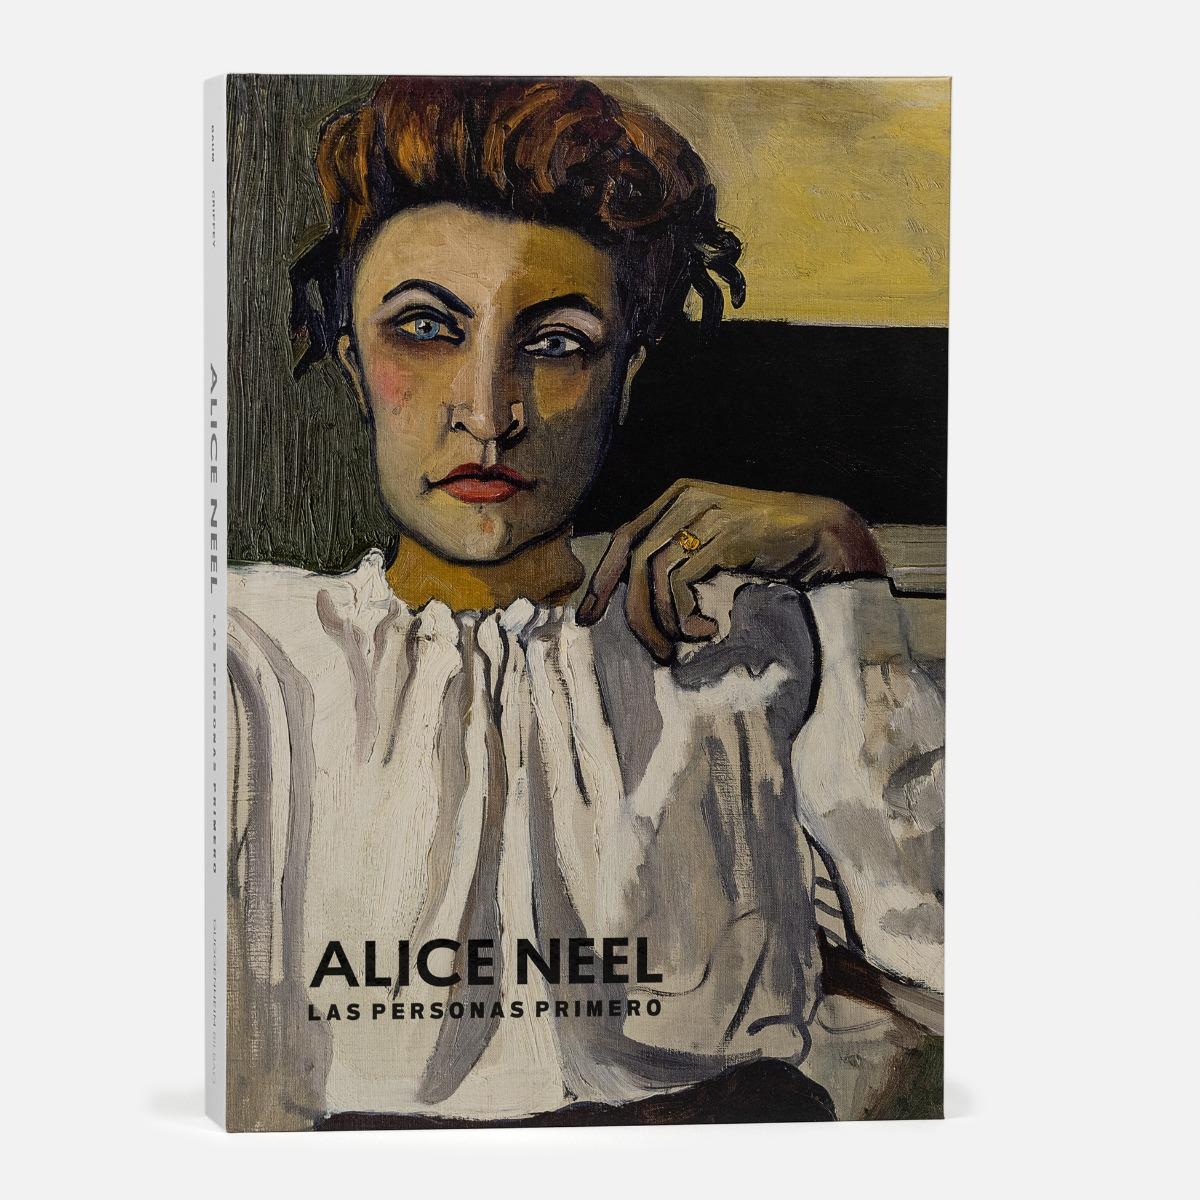 Alice Neel: las personas primero